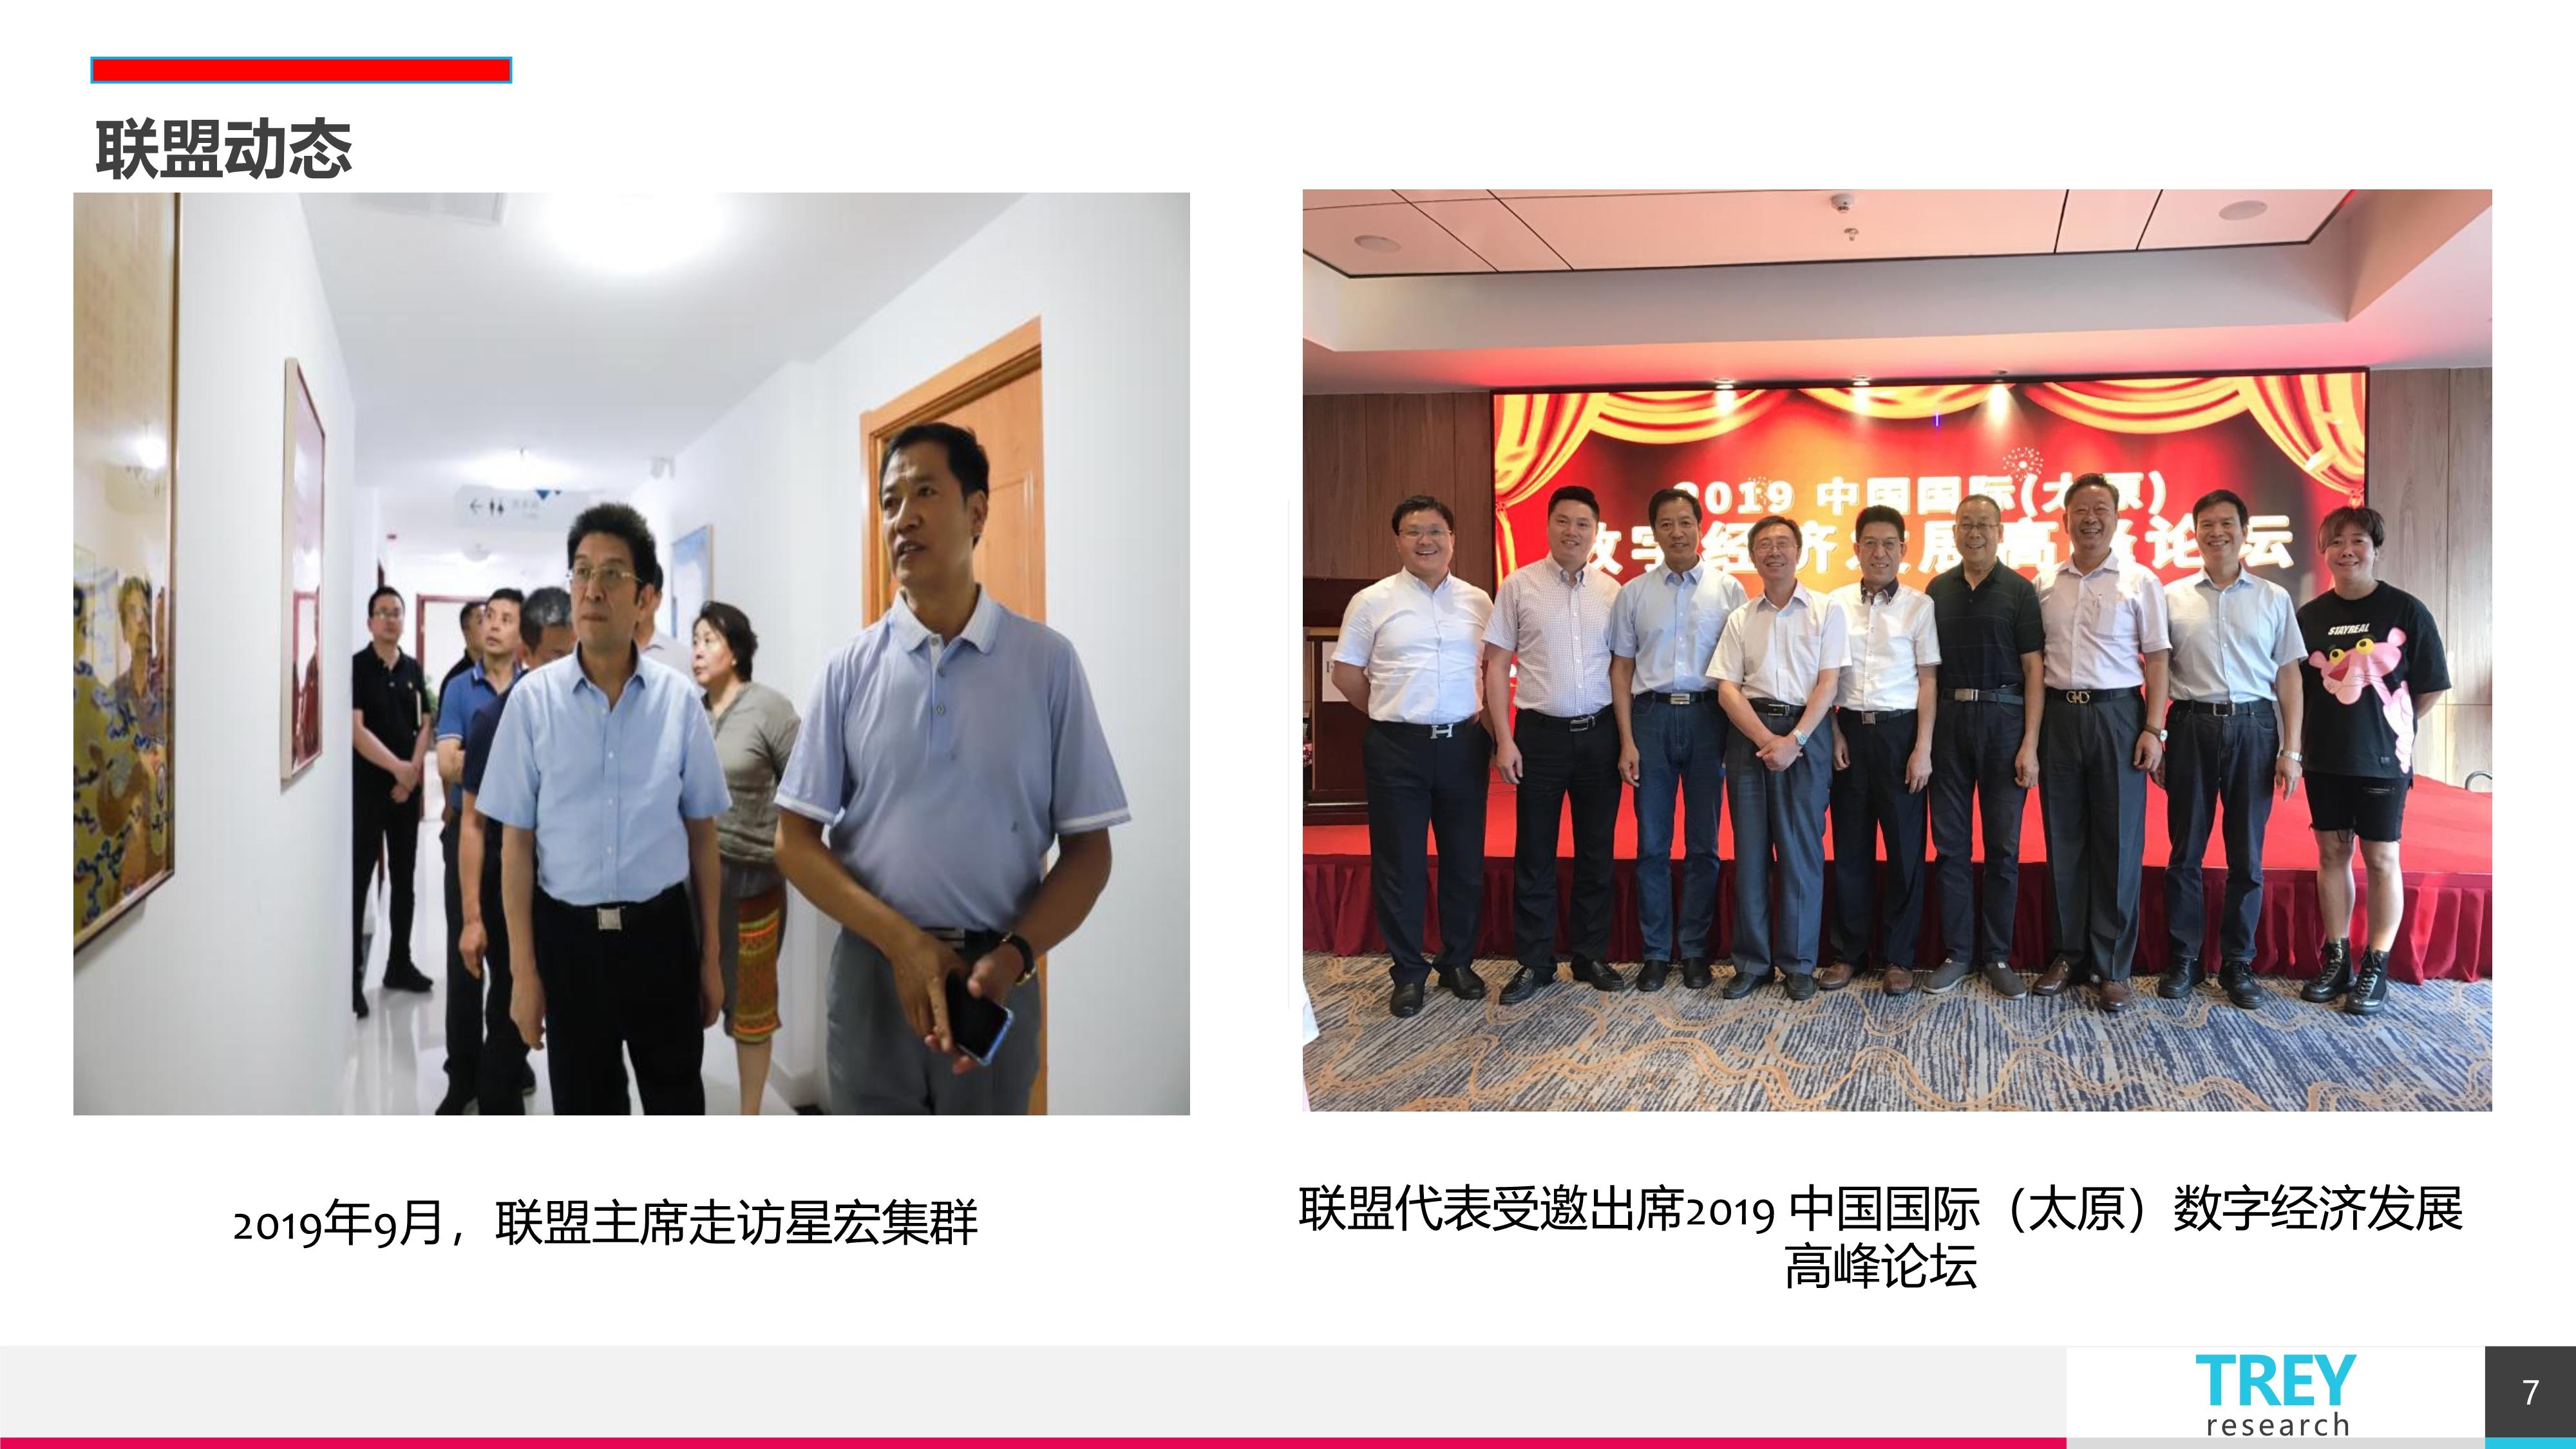 1中国电子商务商协会联盟0220-1_7